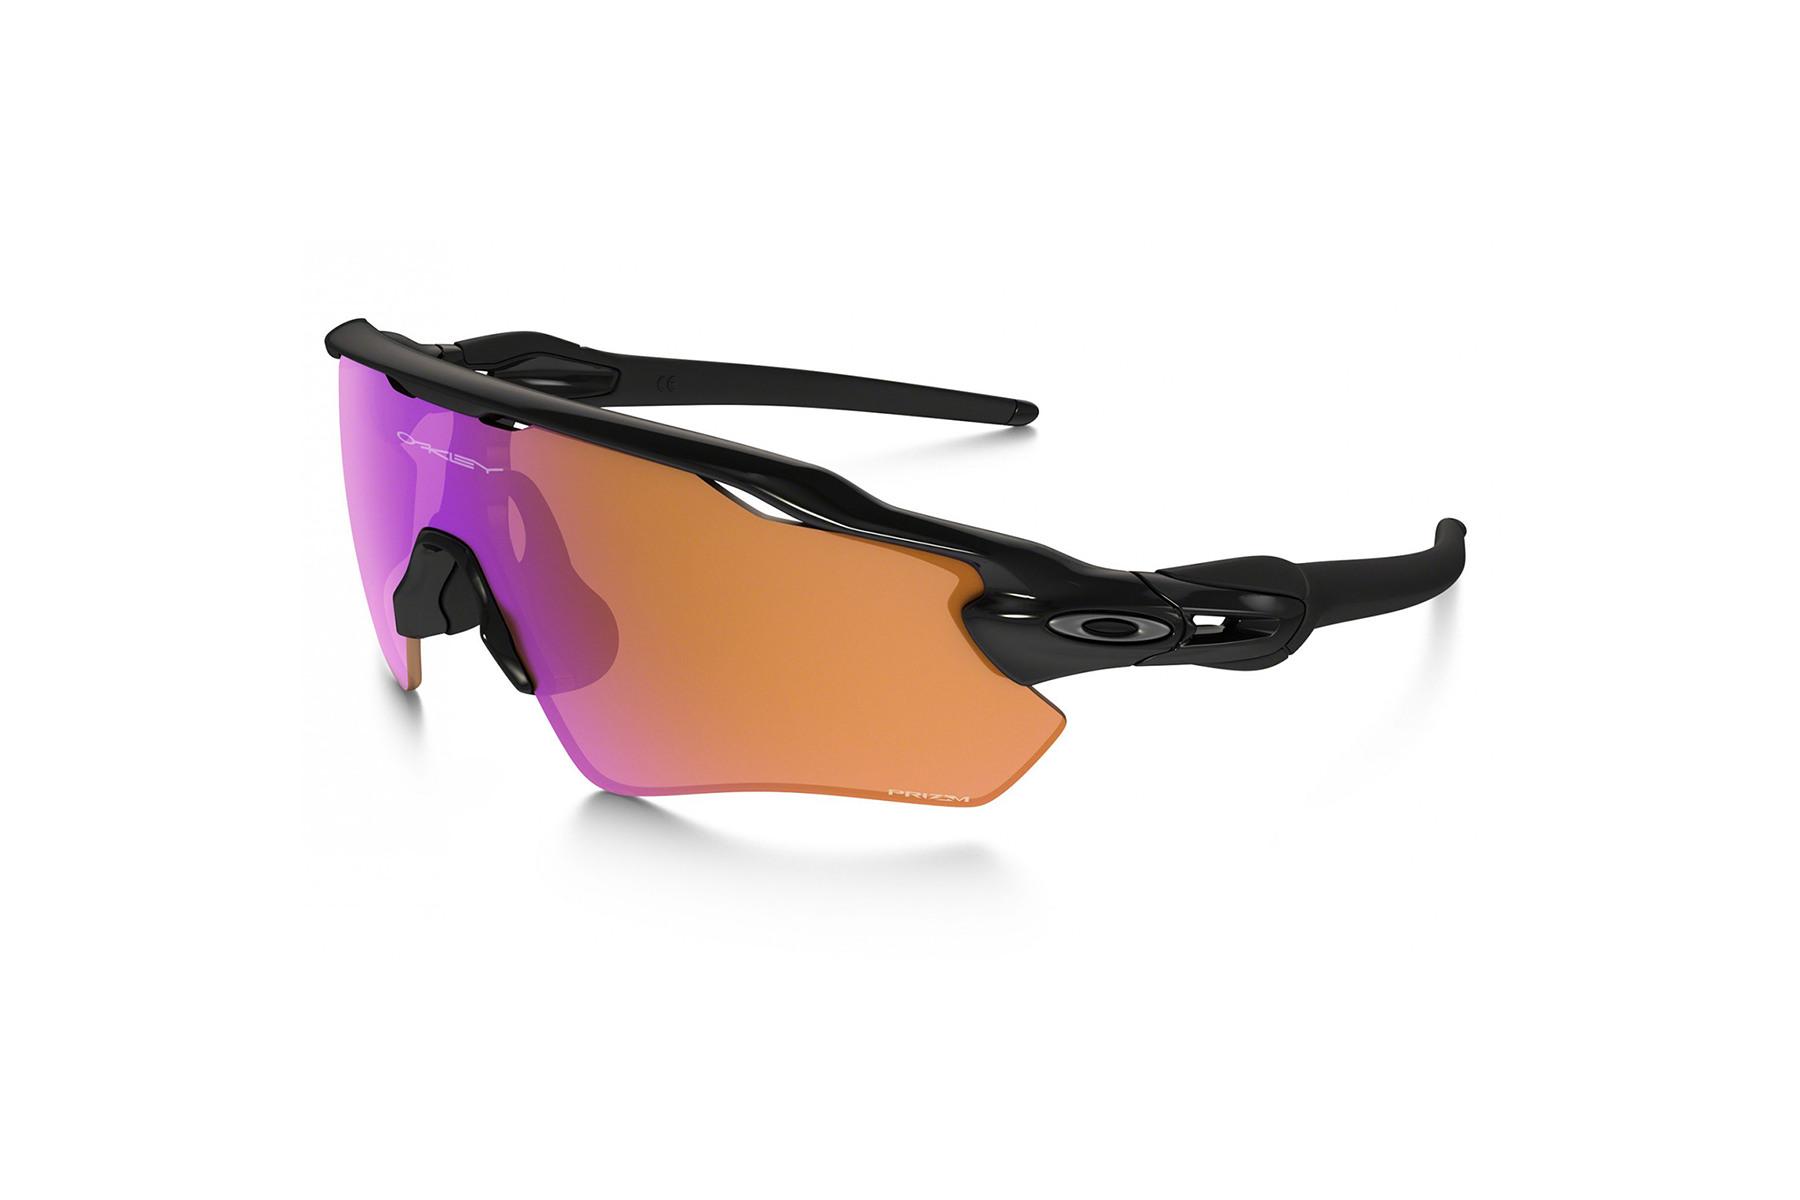 Oakley Sport-Sonnenbrille Radar, UV 400, schwarz